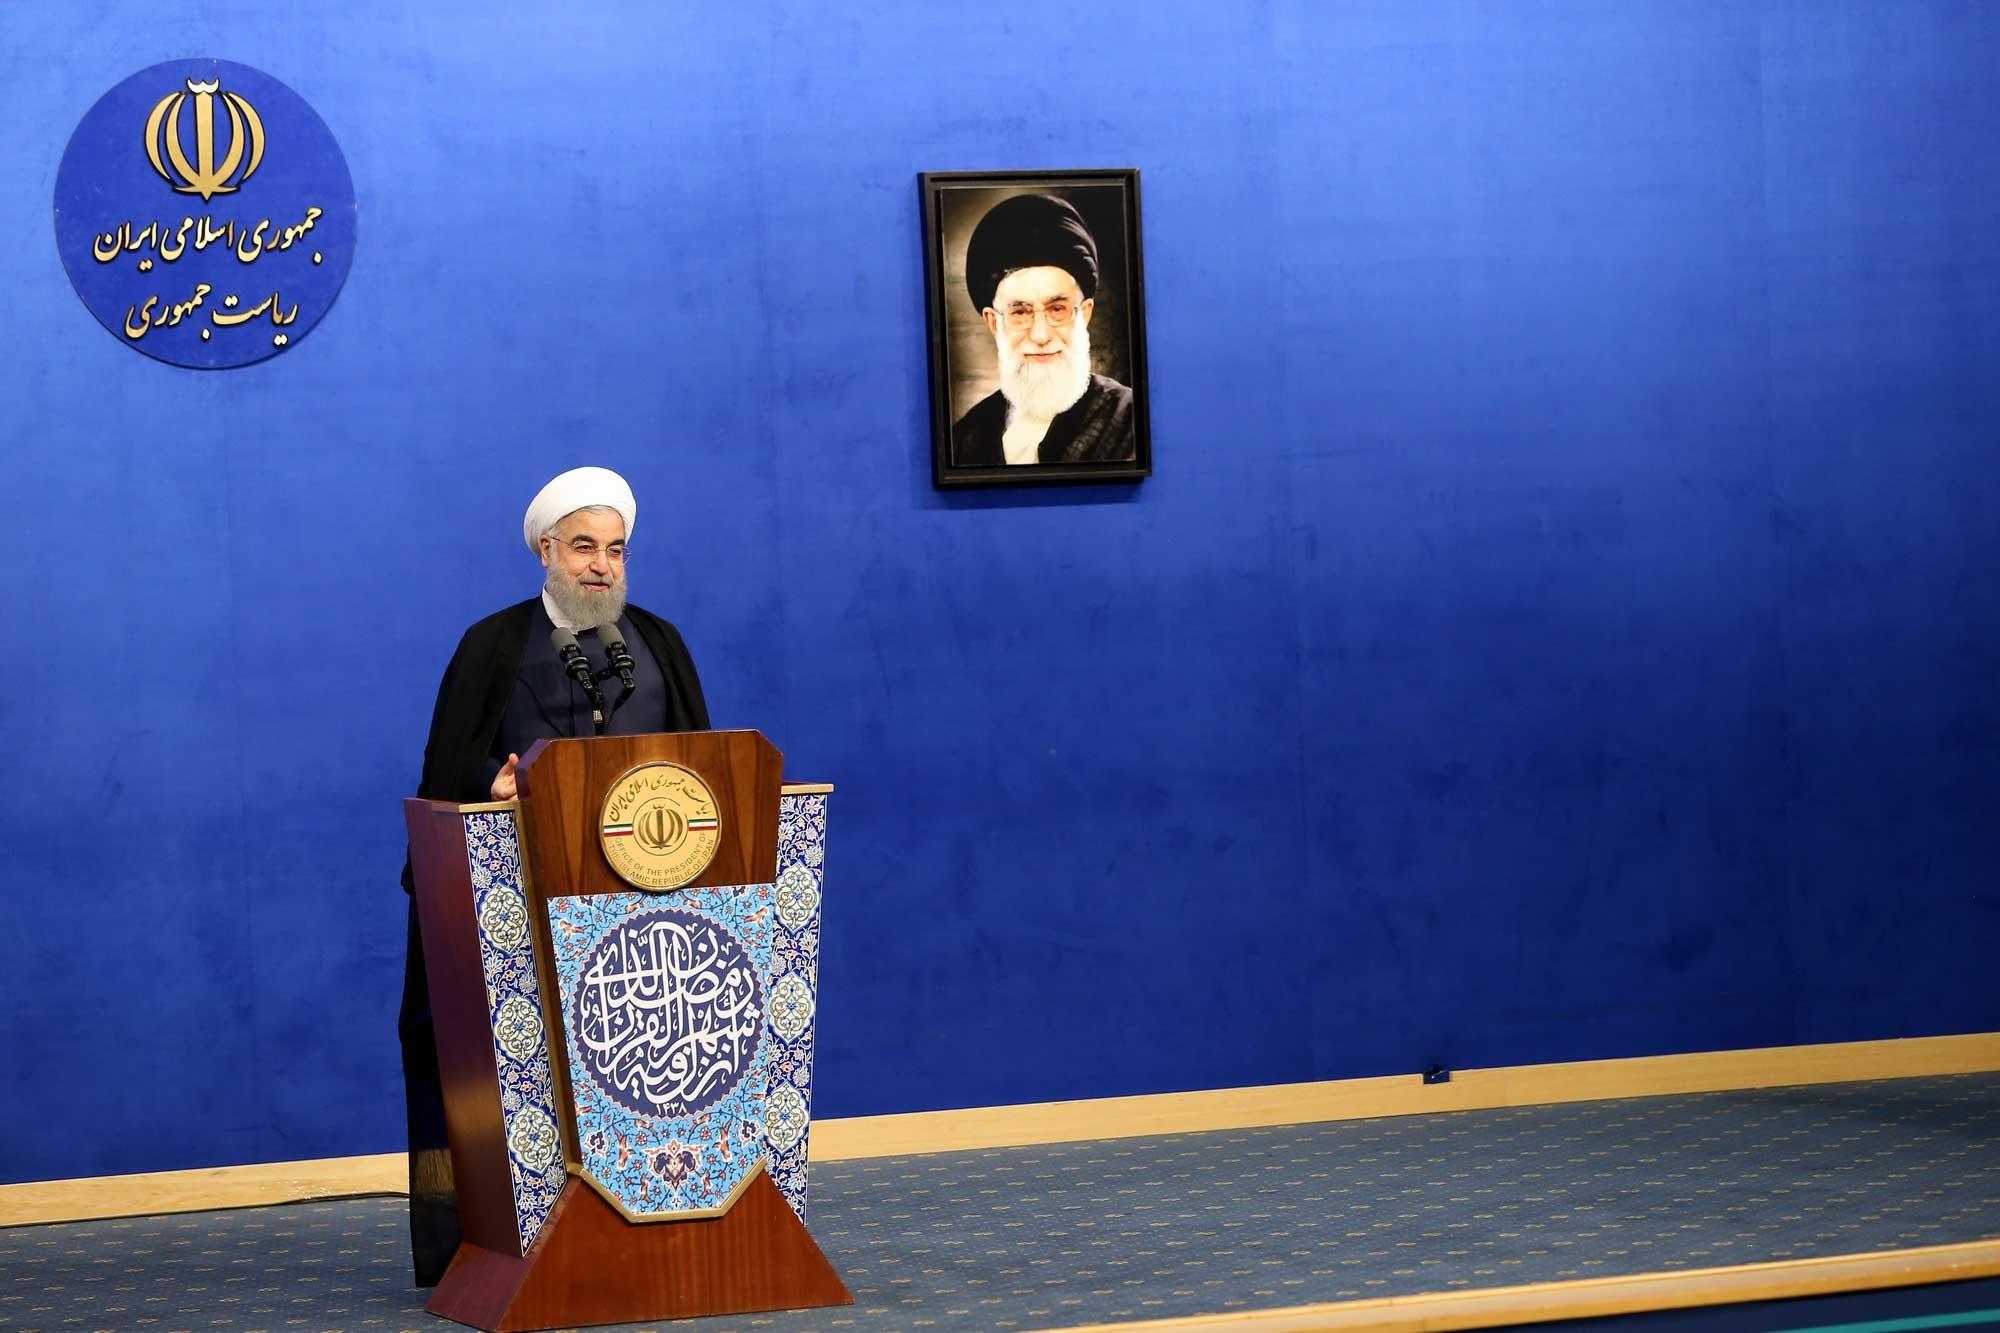 تصاویر | روحانی و لاریجانی در ضیافت افطار هیات دولت و نمایندگان مجلس